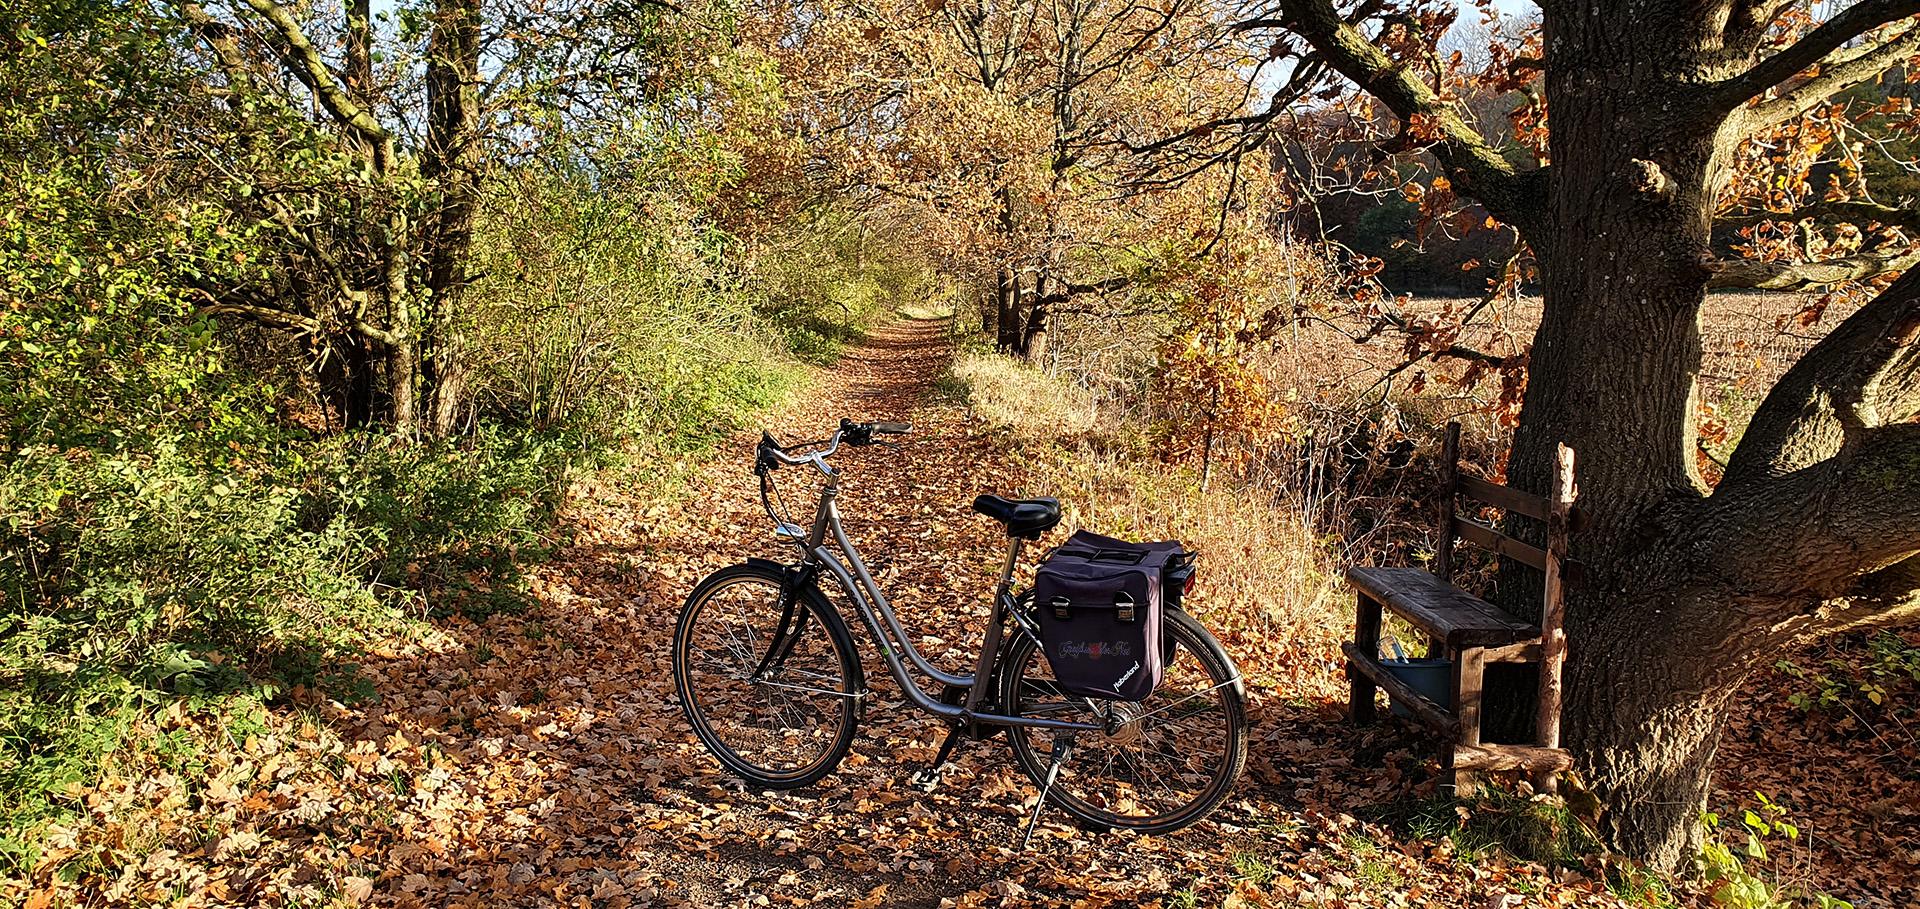 Fahrradtour im Herbst